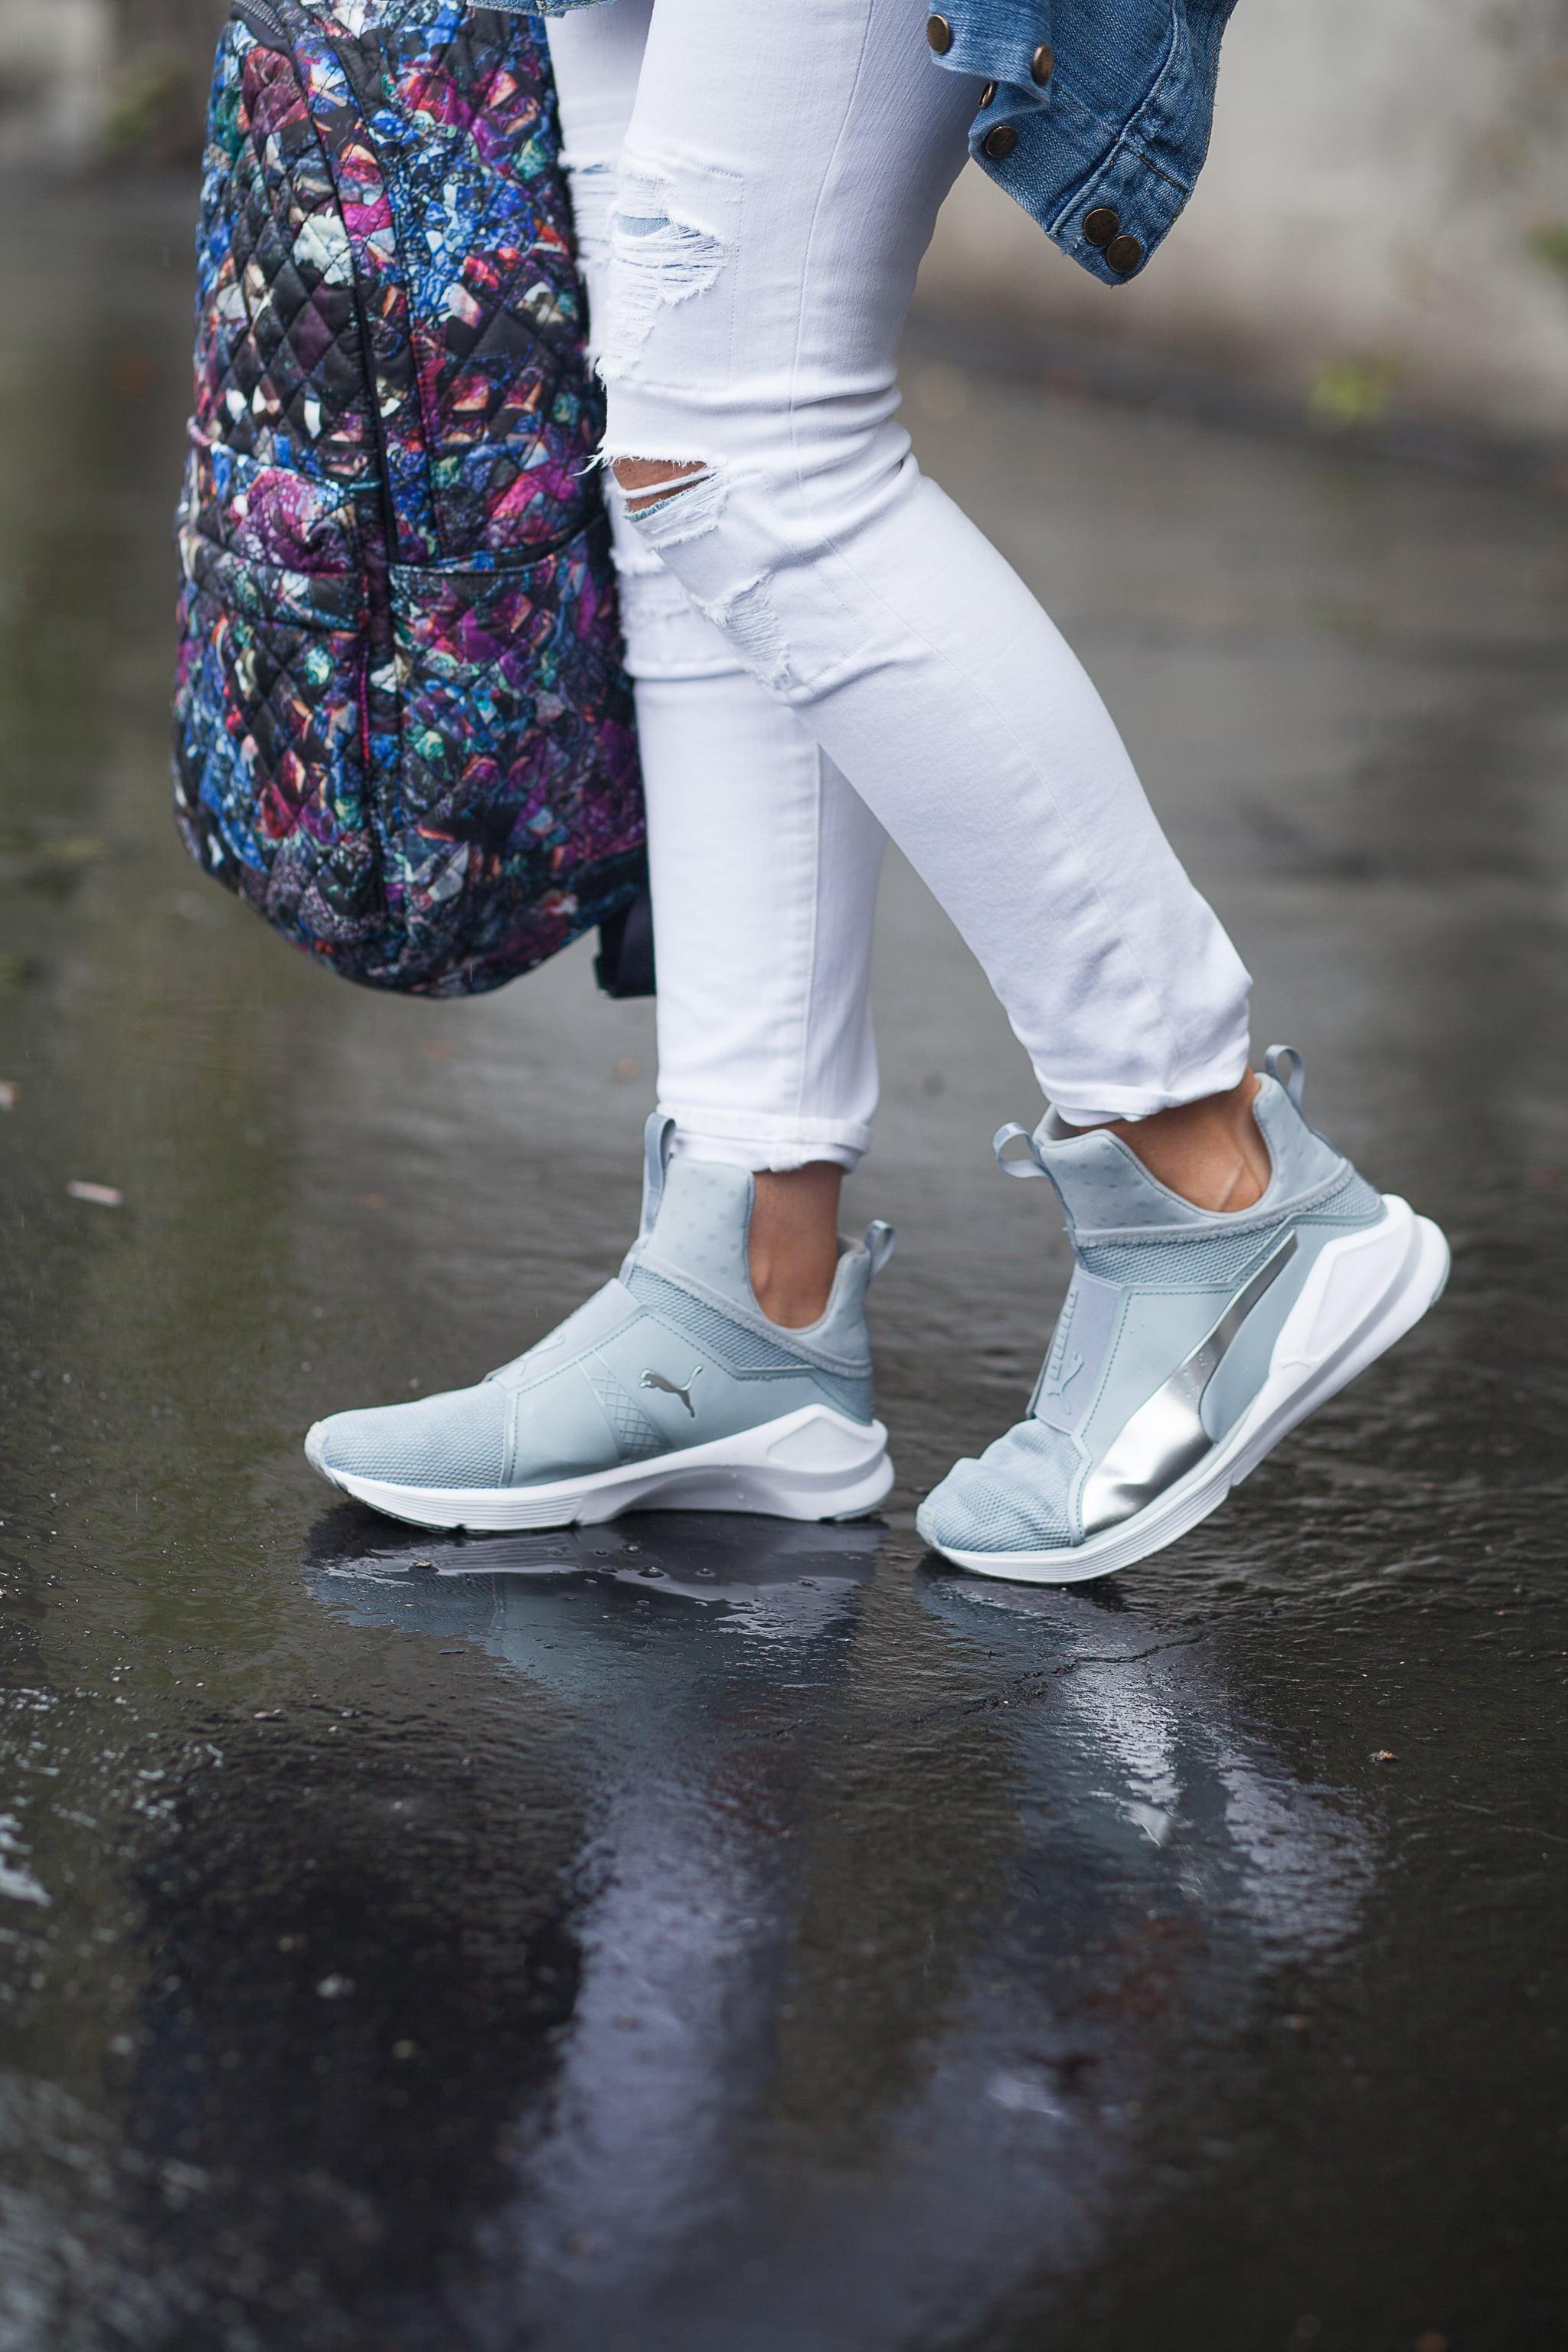 sneaker trends by PUMA fierce | lunchpails & lipstick